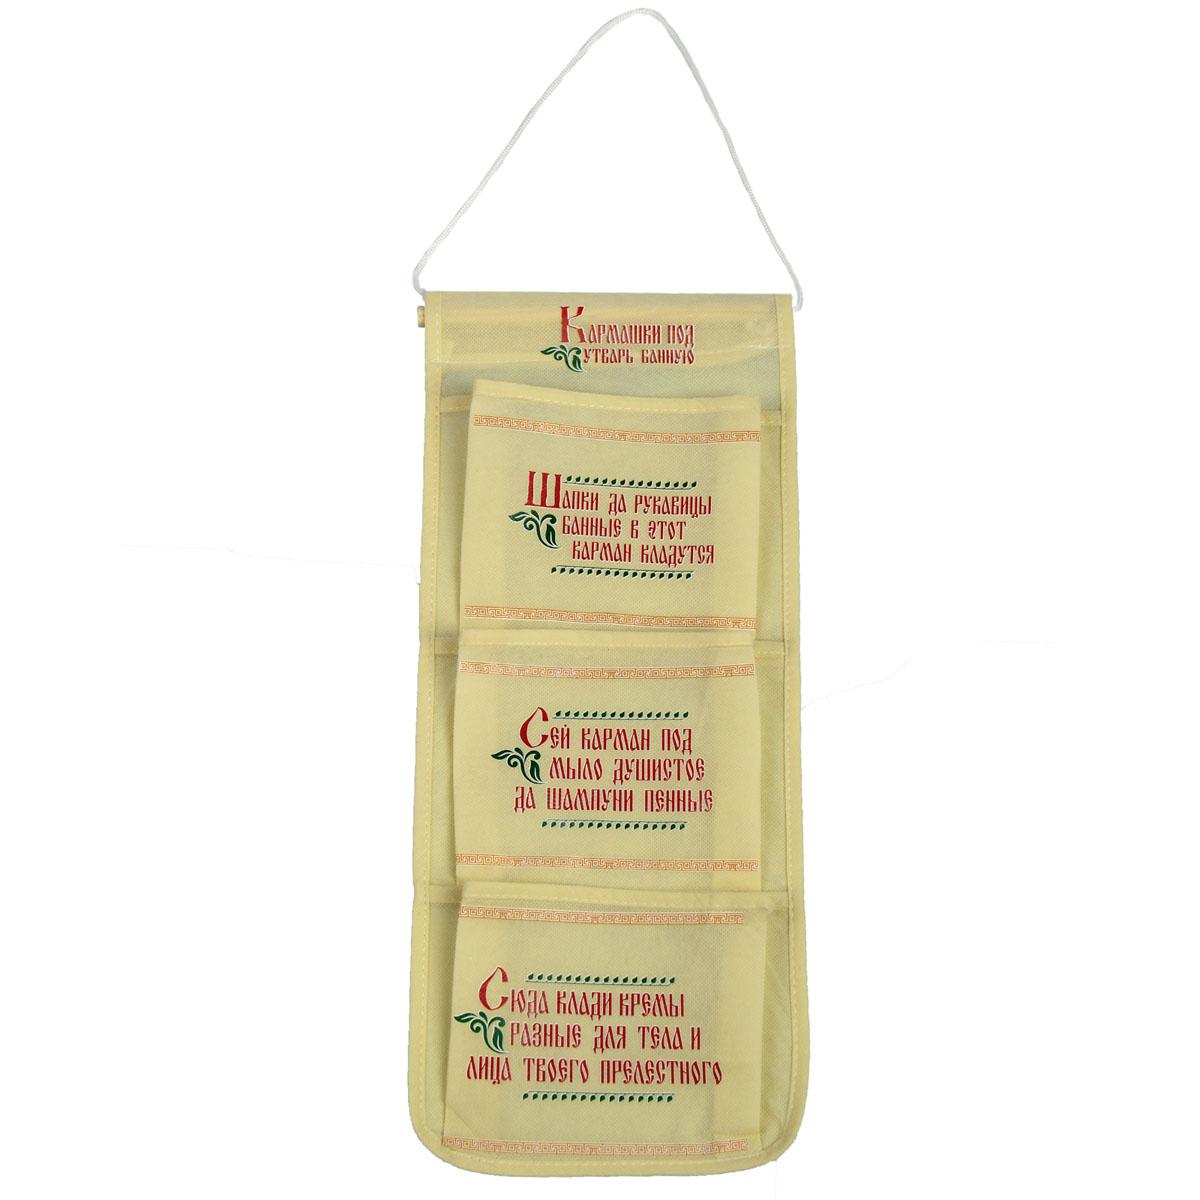 Кармашки на стену для бани Sima-land Кармашки под утварь банную, цвет: бежевый, 3 шт866553Кармашки на стену Sima-land Кармашки под утварь банную, изготовленные из текстиля, предназначены для хранения необходимых вещей, множества мелочей в бане или ванной комнате. Изделие представляет собой текстильное полотно с тремя пришитыми кармашками. Благодаря деревянной планке и шнурку, кармашки можно подвесить на стену или дверь в необходимом для вас месте. Кармашки декорированы надписями, информирующими о том, в какой карман, что нужно класть. Этот нужный предмет может стать одновременно и декоративным элементом бани или ванной комнаты.